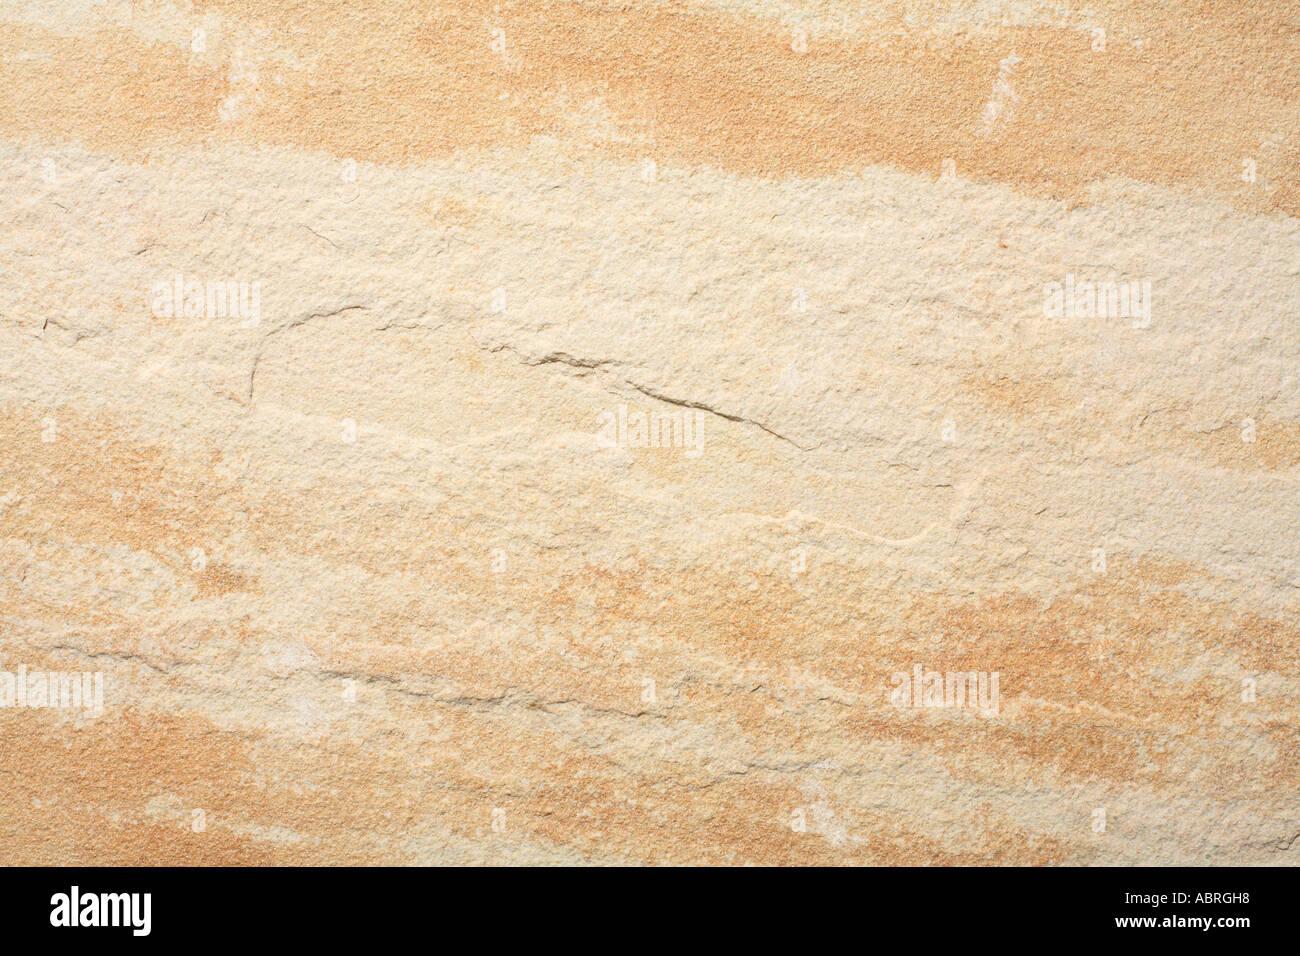 Sandstone Texture - Stock Image